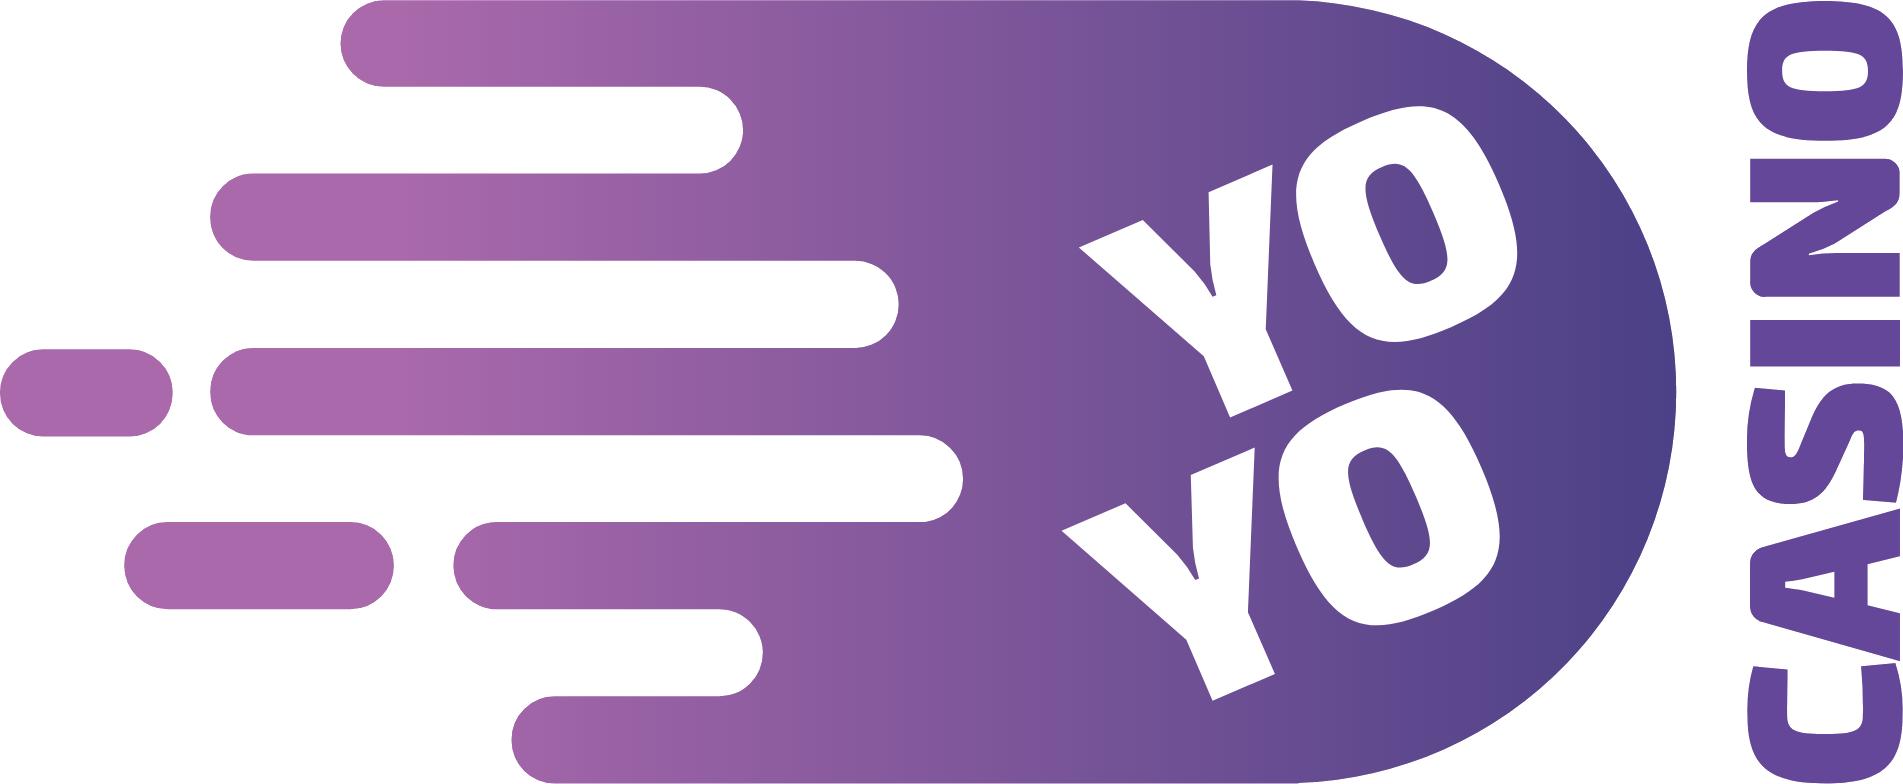 Soft2Bet Har Lanserat YoYo Casino på Svenska Marknaden